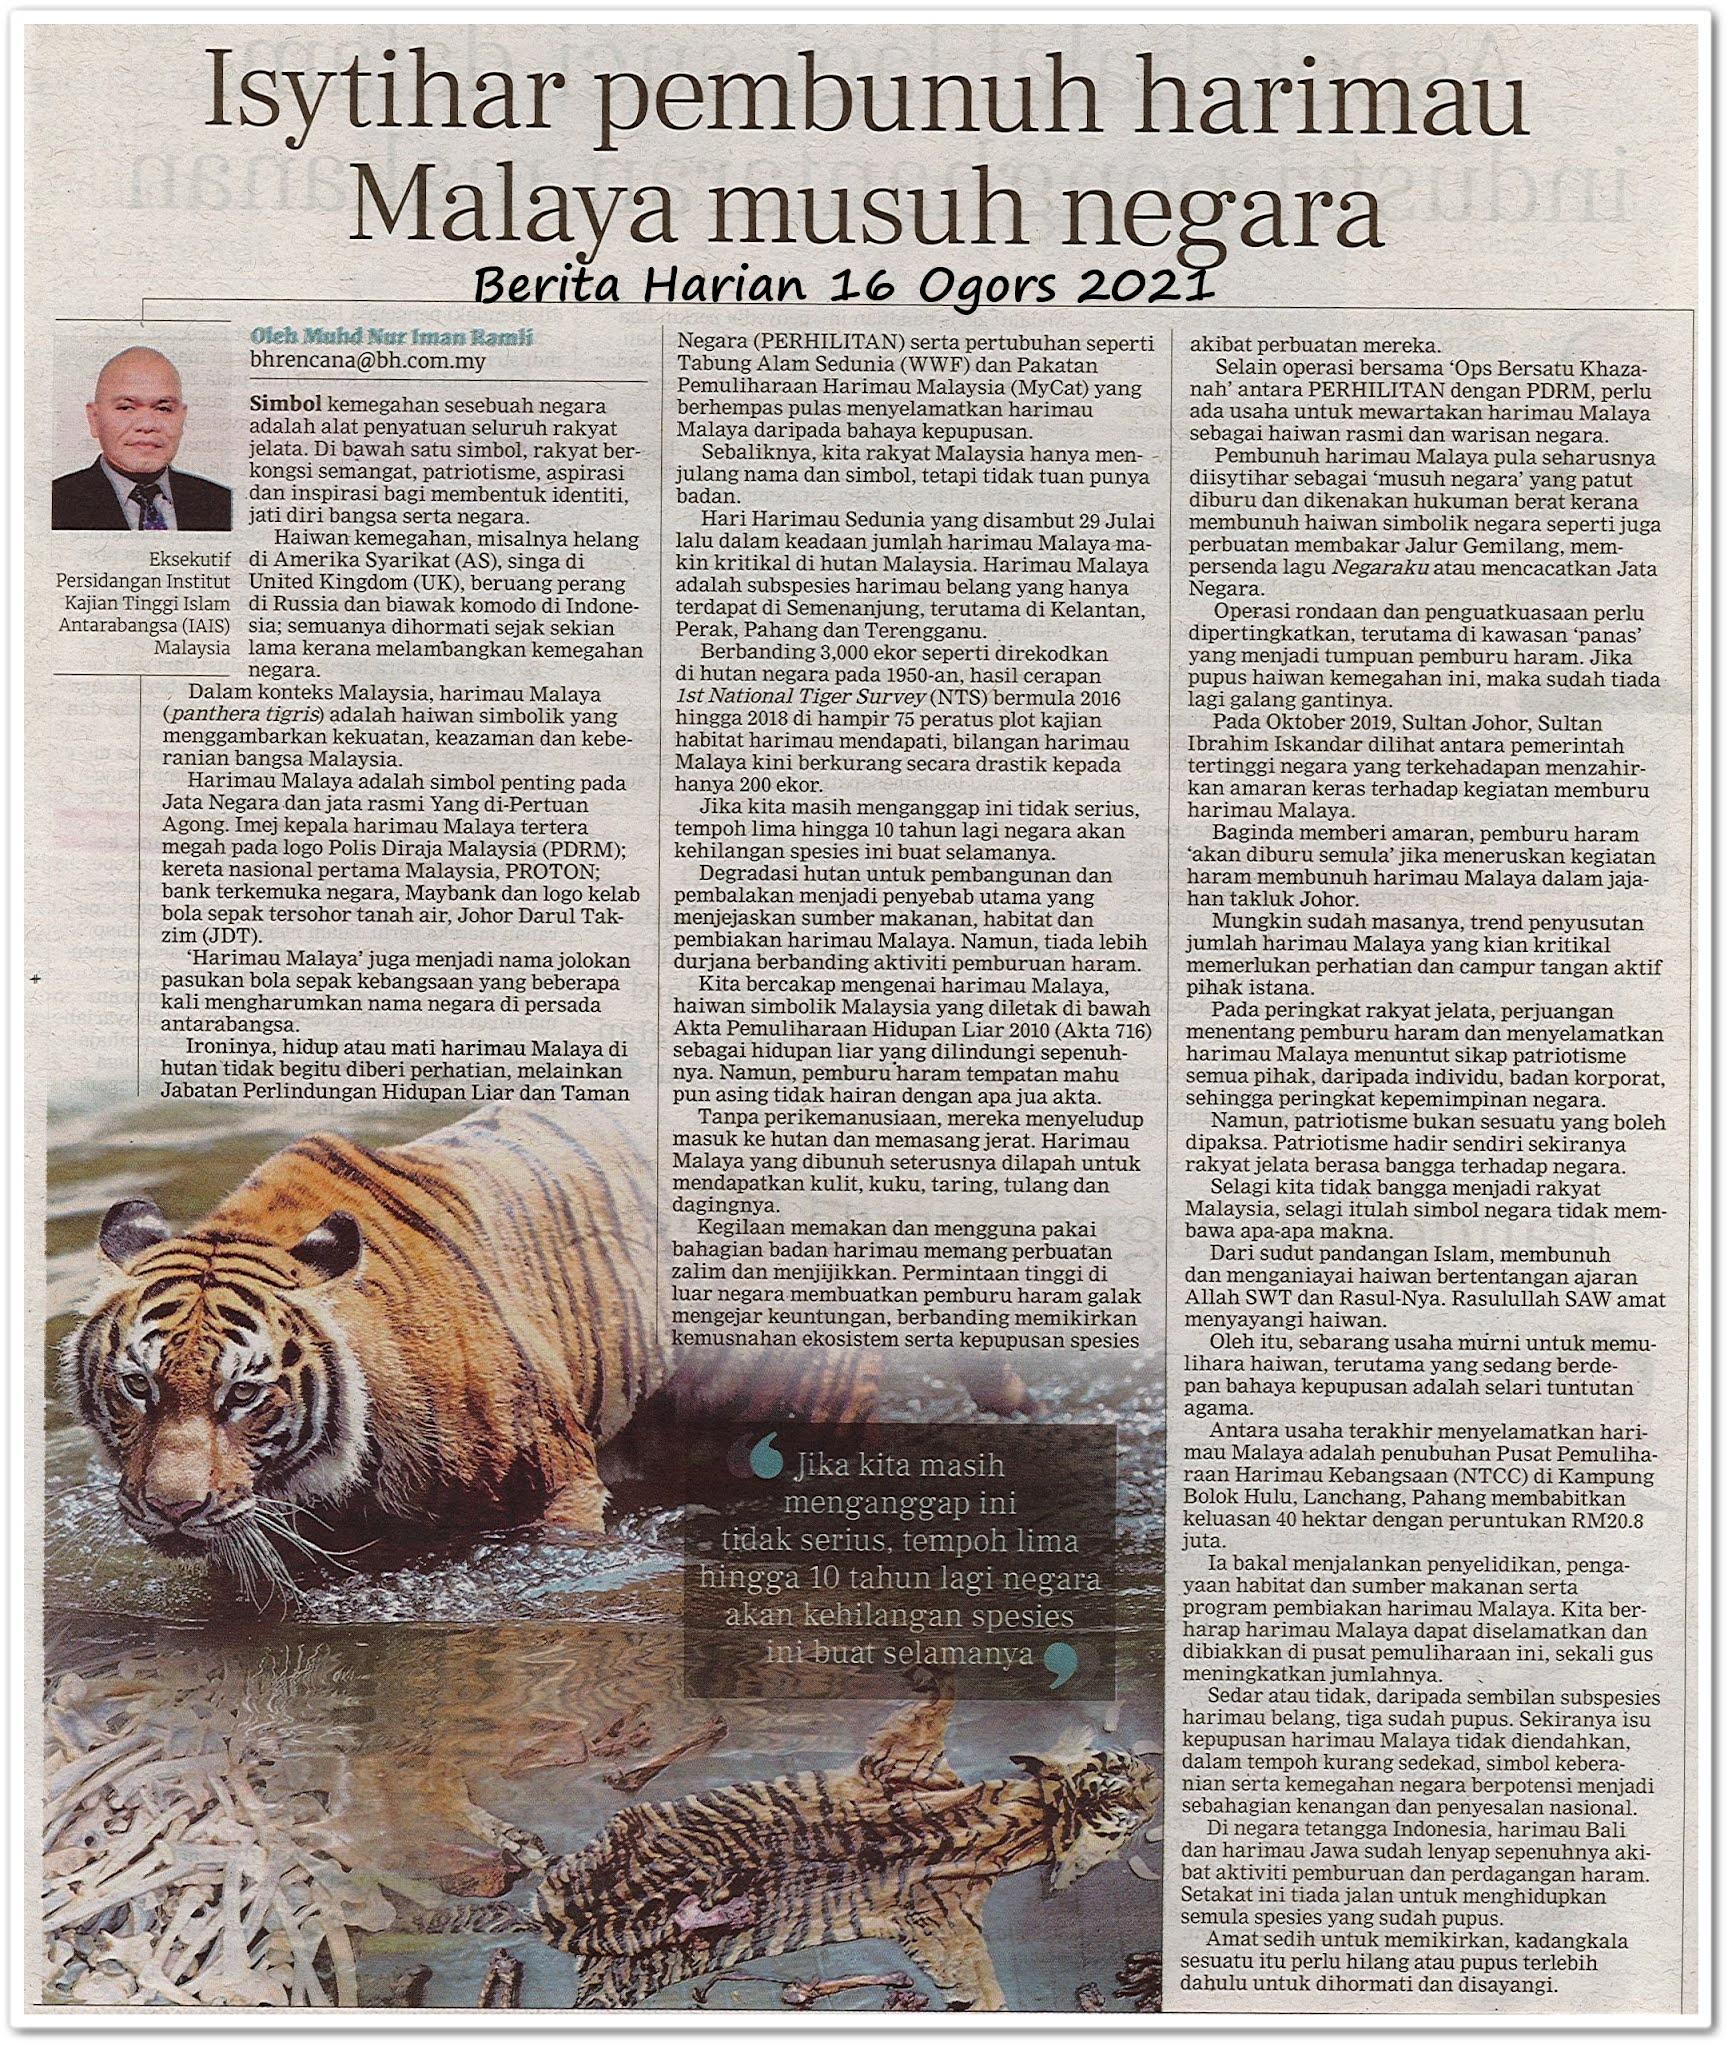 Isytihar pembunuh harimau Malaya musuh negara - Keratan akhbar Berita Harian 16 Ogos 2021